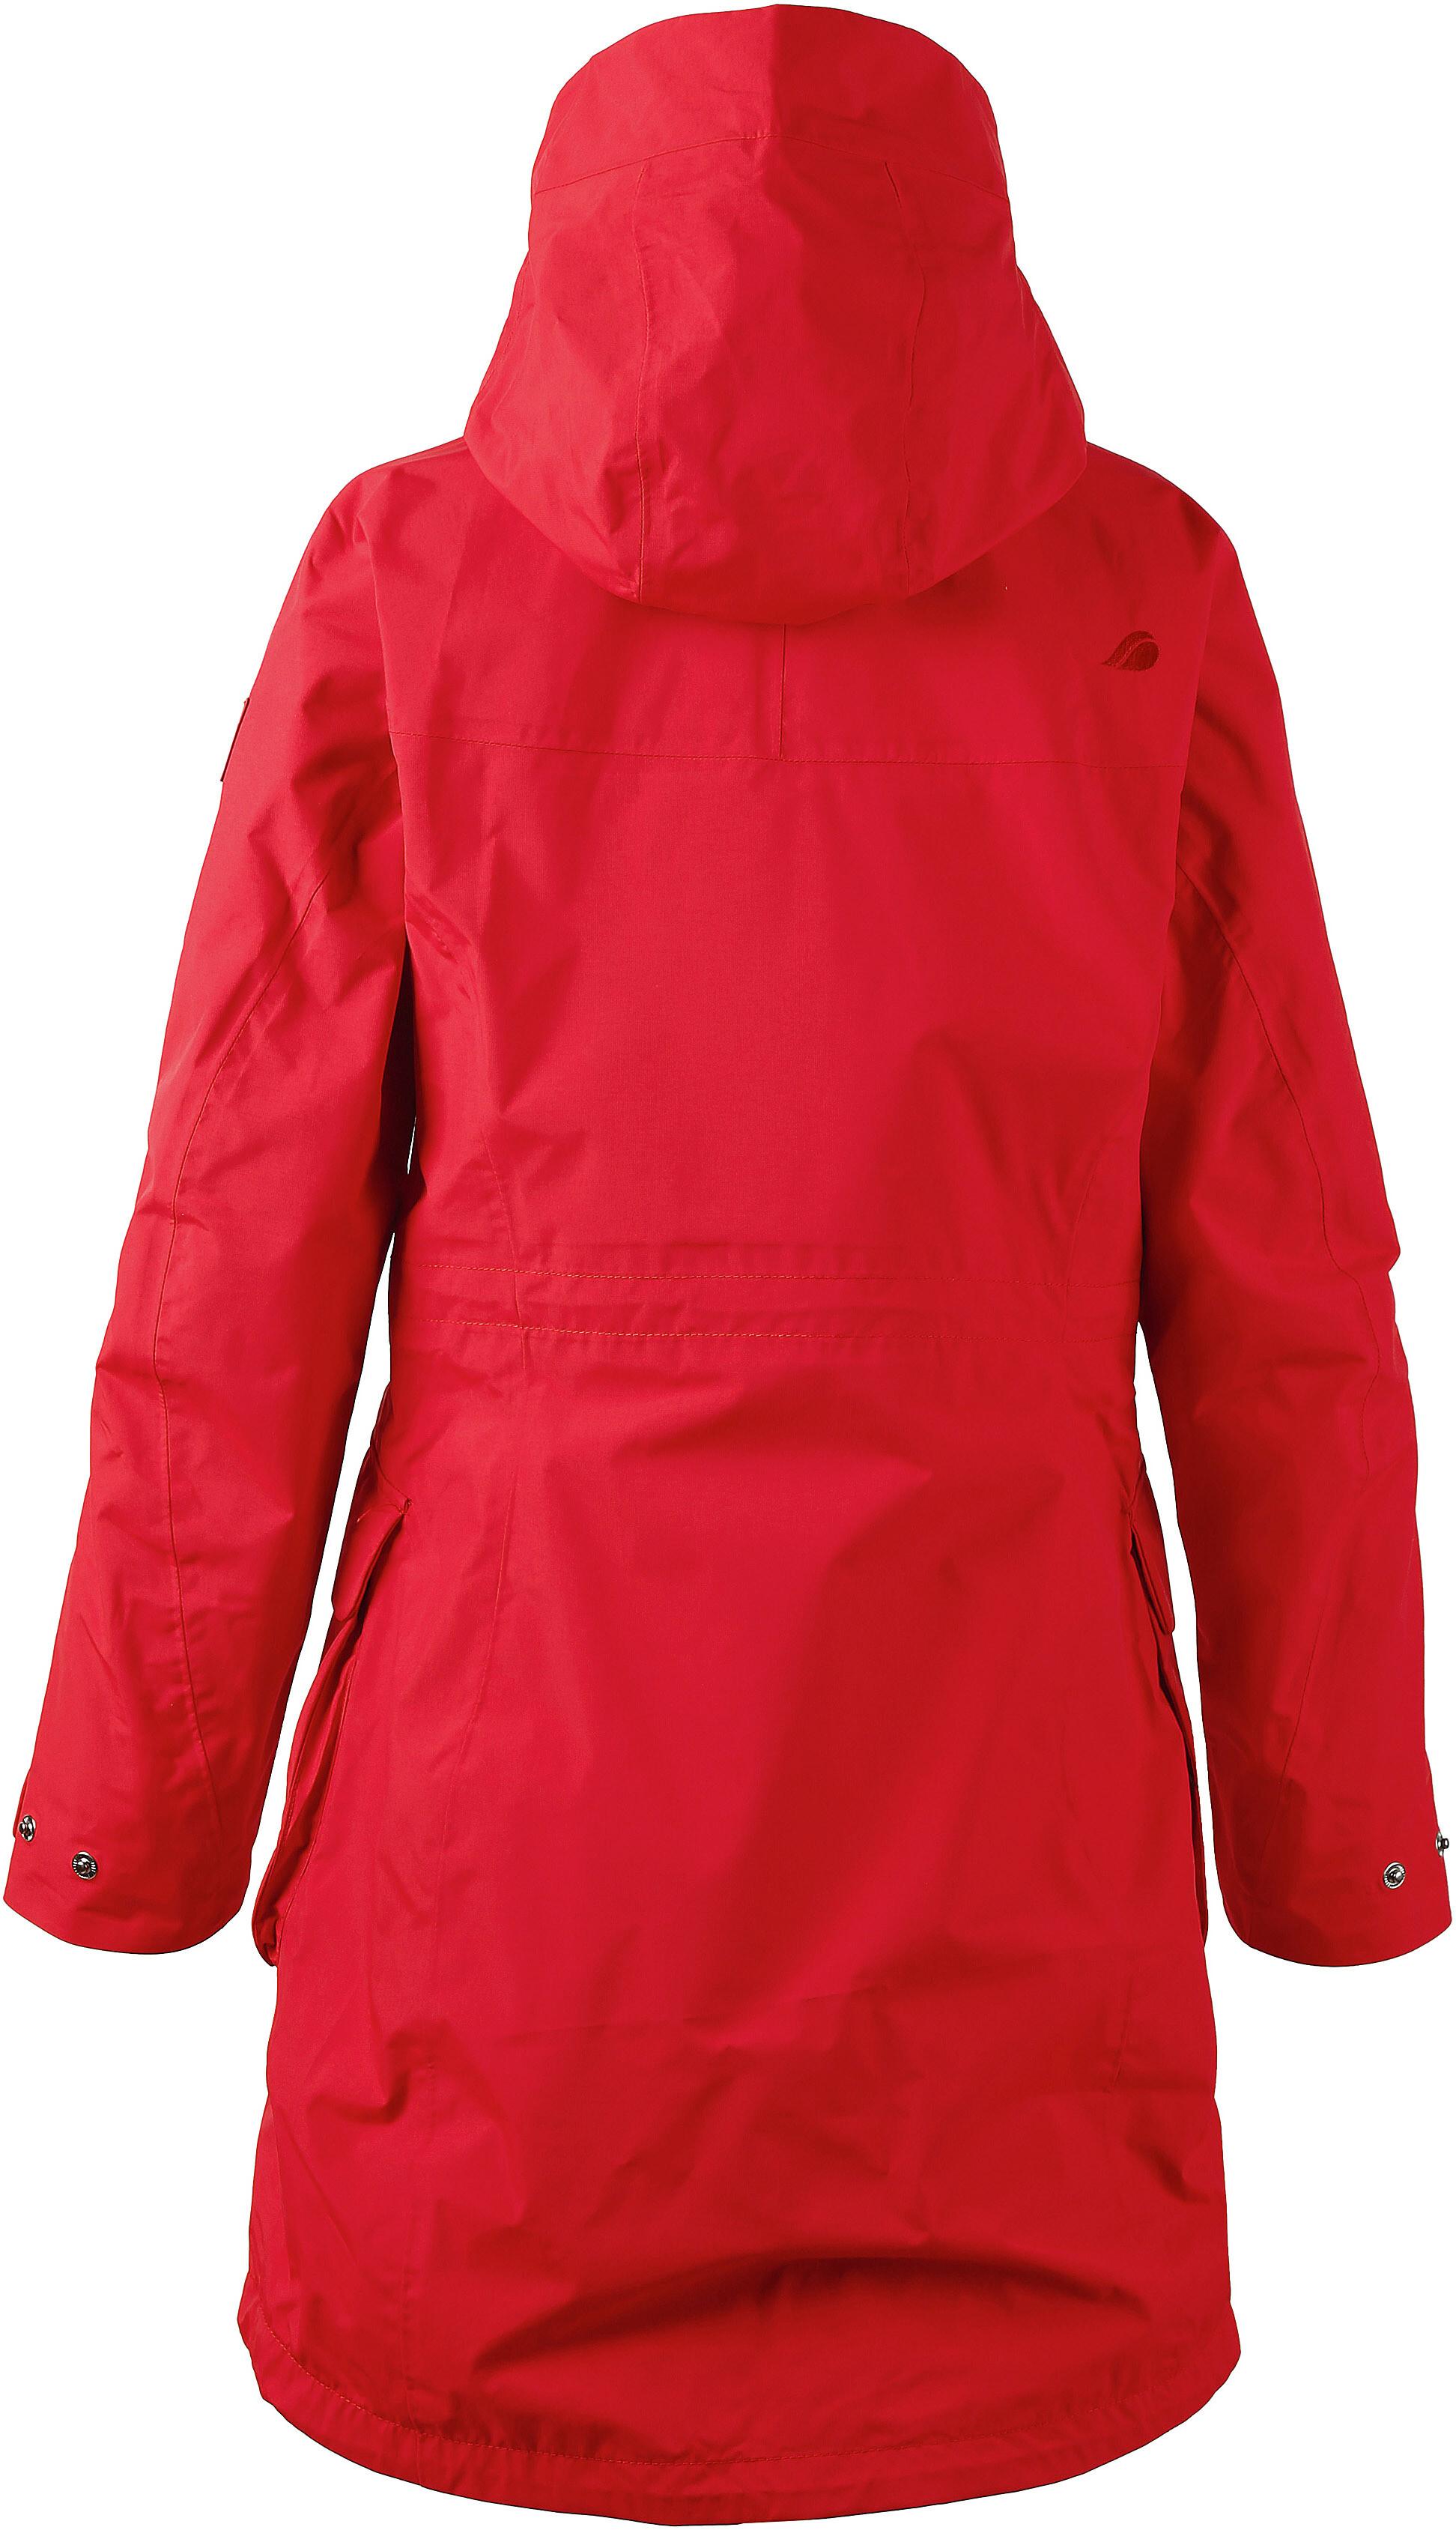 e60ed34015316e Didriksons 1913 Thelma Parka Damen chili red | campz.de